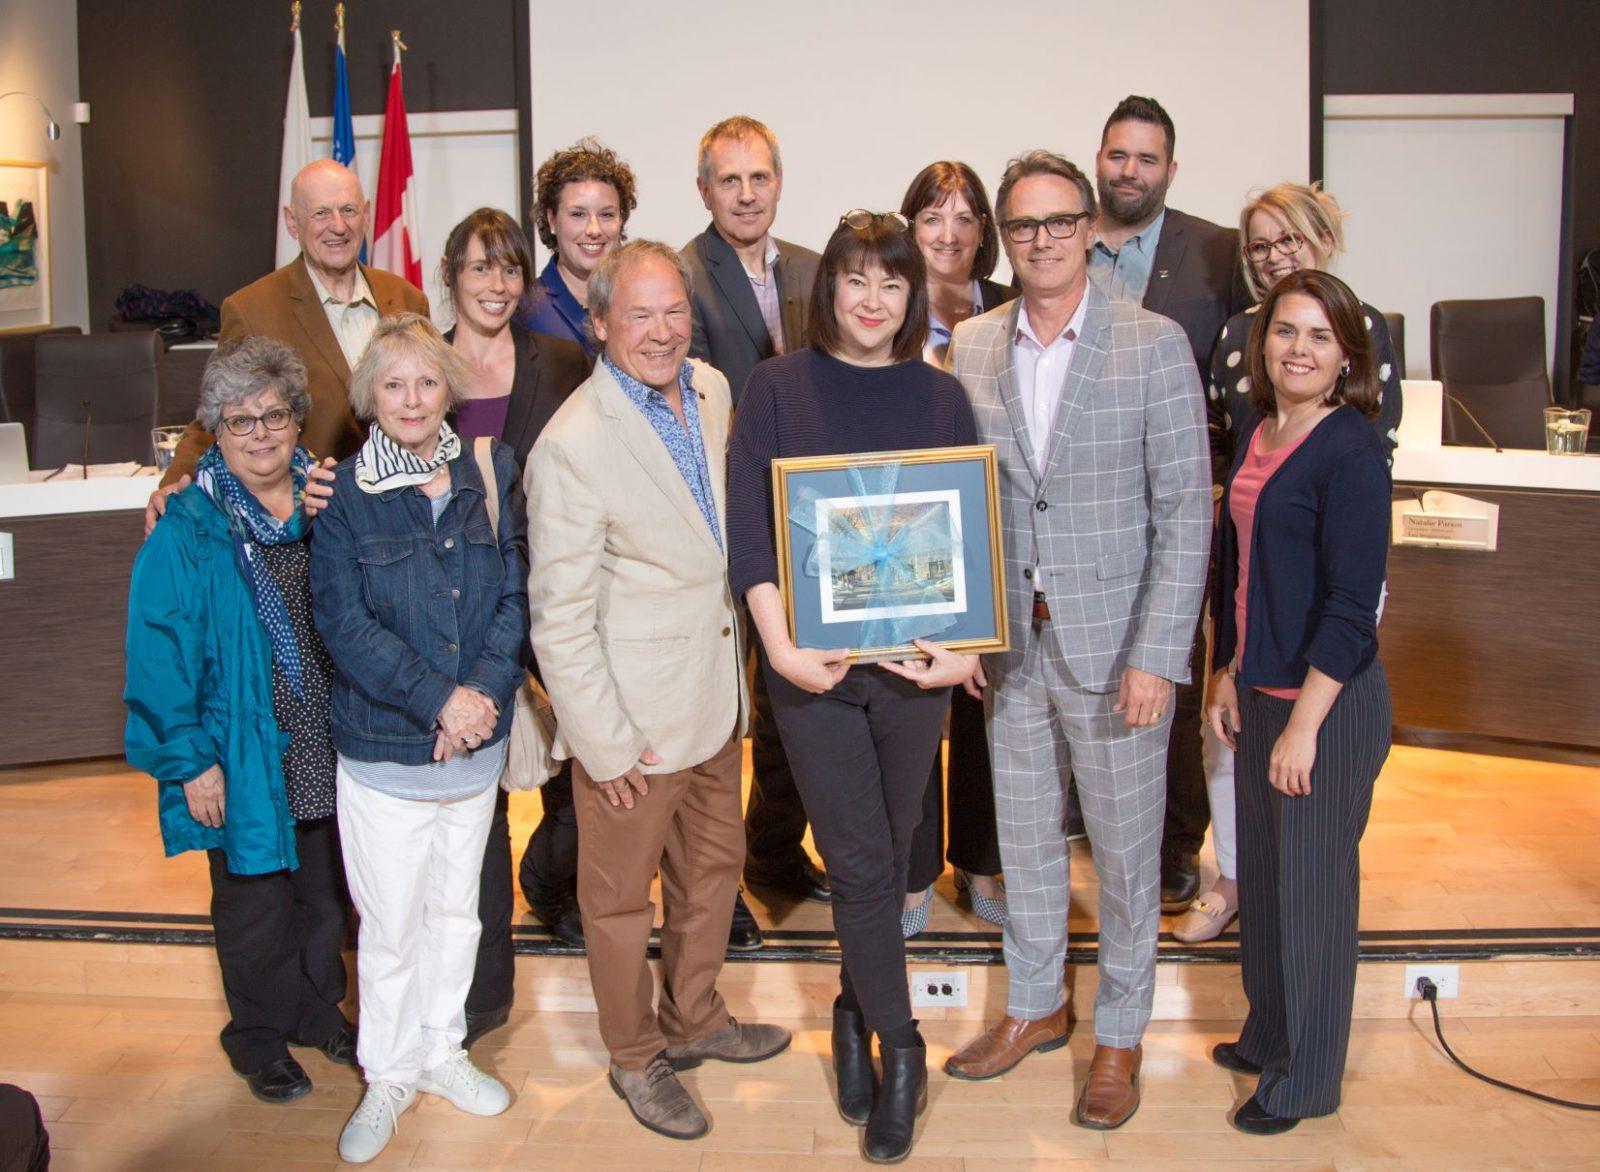 Le conseil municipal de Varennes rend hommage à Nadine Robert